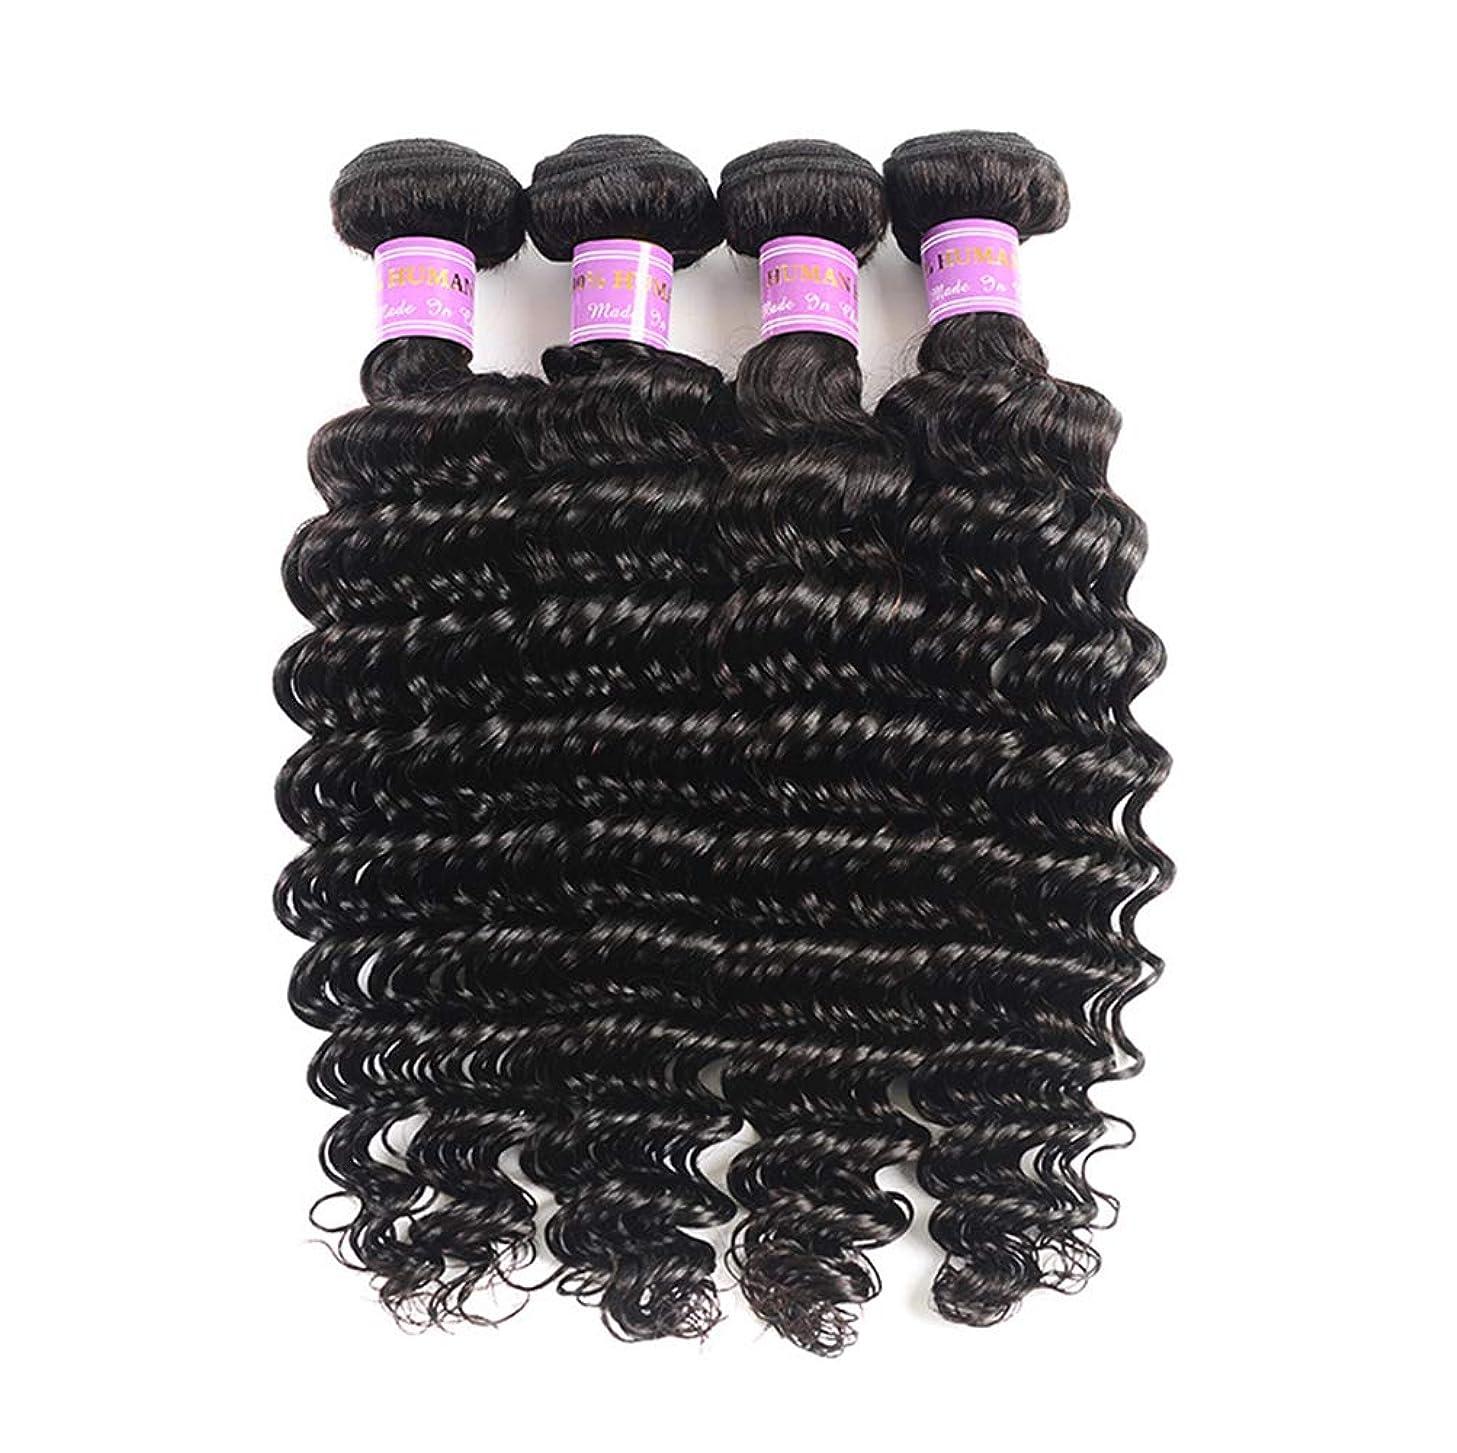 オーガニック重さオプション女性未処理のブラジルの深い巻き毛の束本物の人間の髪の束ヴァージンブラジルの髪の束1pc / pack髪織り(100 +/- 5g)/ pc